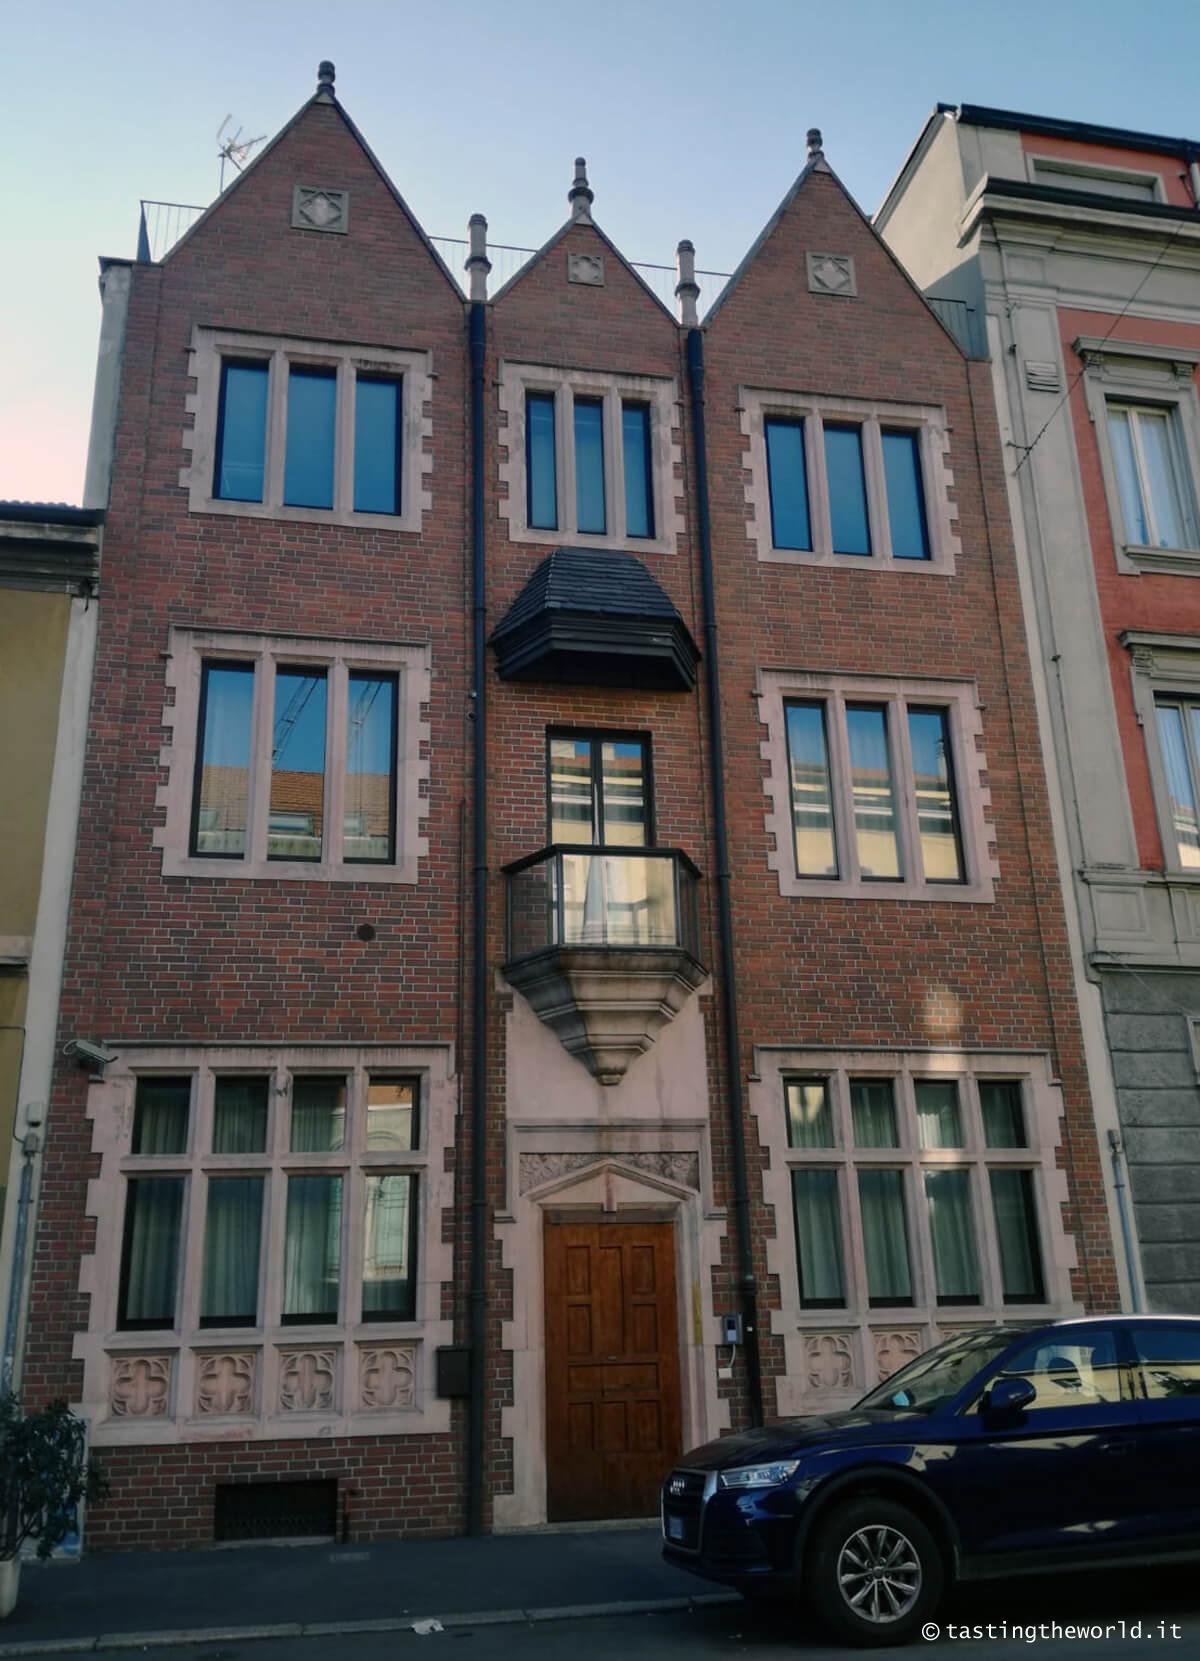 Casa 770 di via Poerio a Milano (casa olandese)